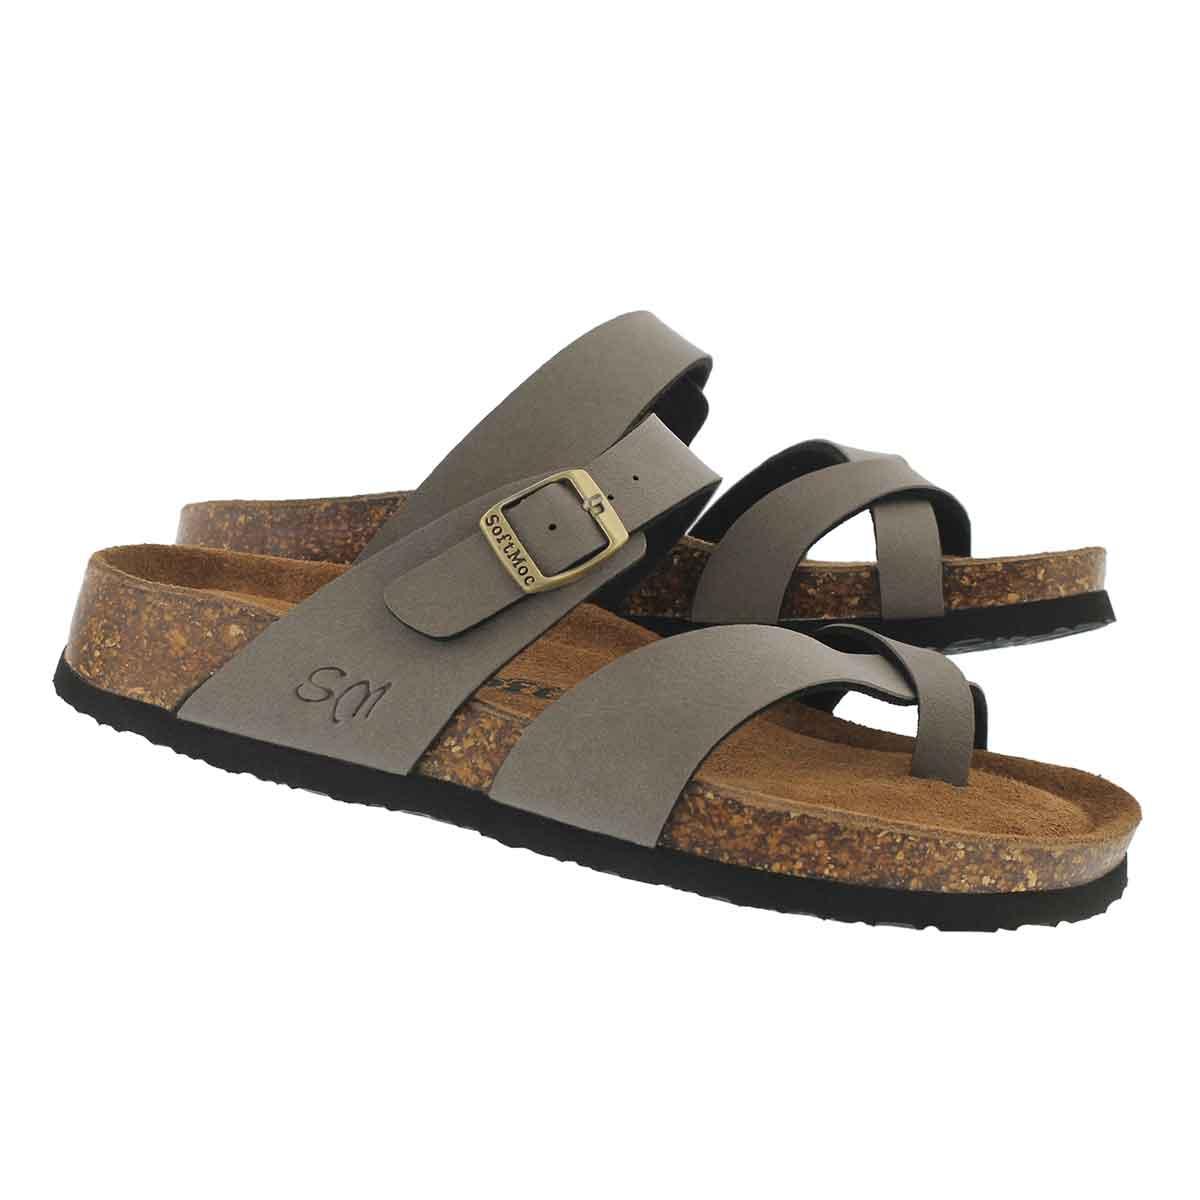 Lds Alicia 5 PU tpe memory foam sandal